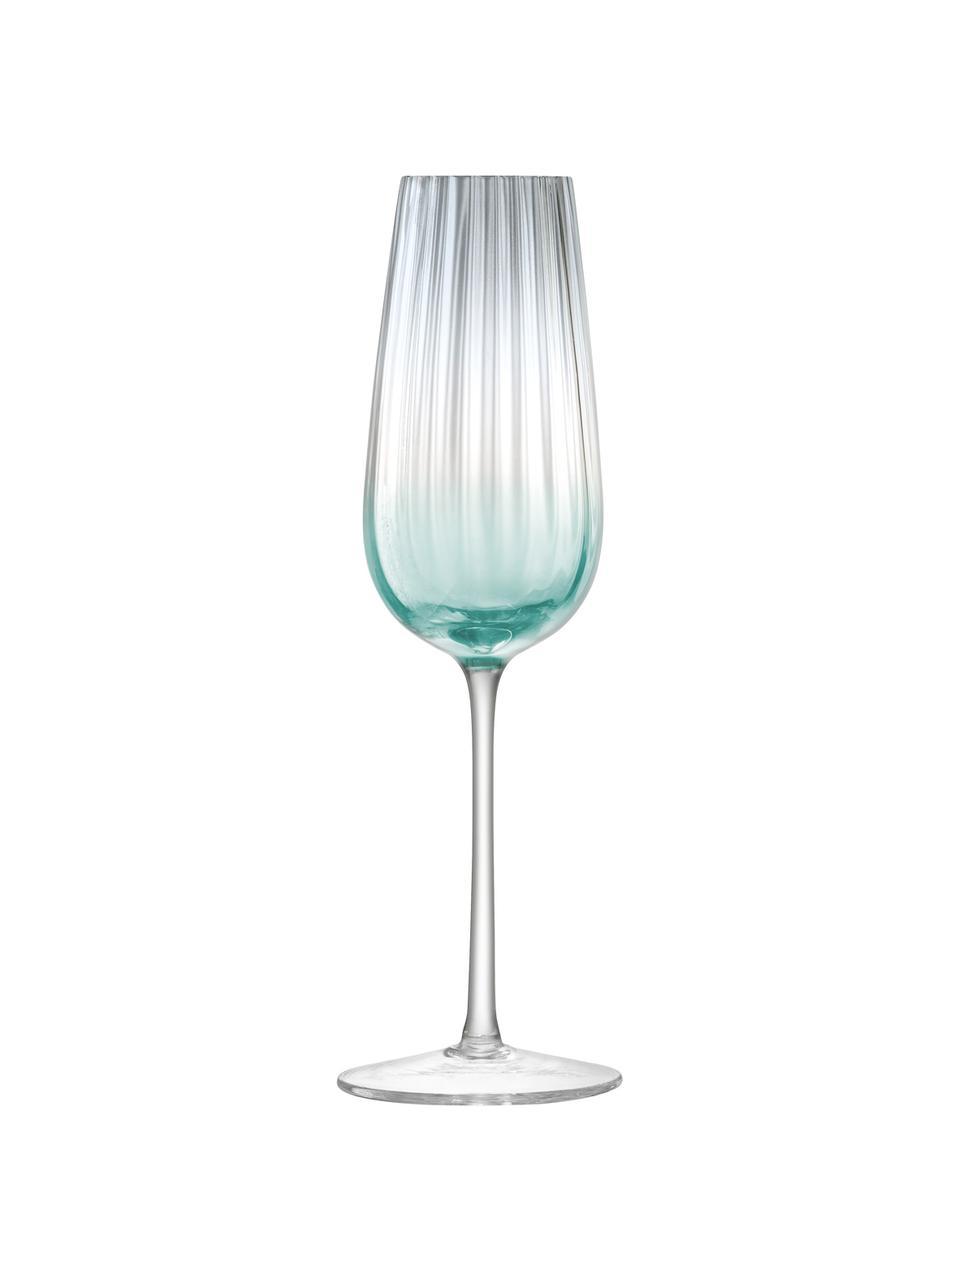 Flute champagne fatti a mano con gradiente Dusk 2 pz, Vetro, Verde, grigio, Ø 23 x Alt. 6 cm